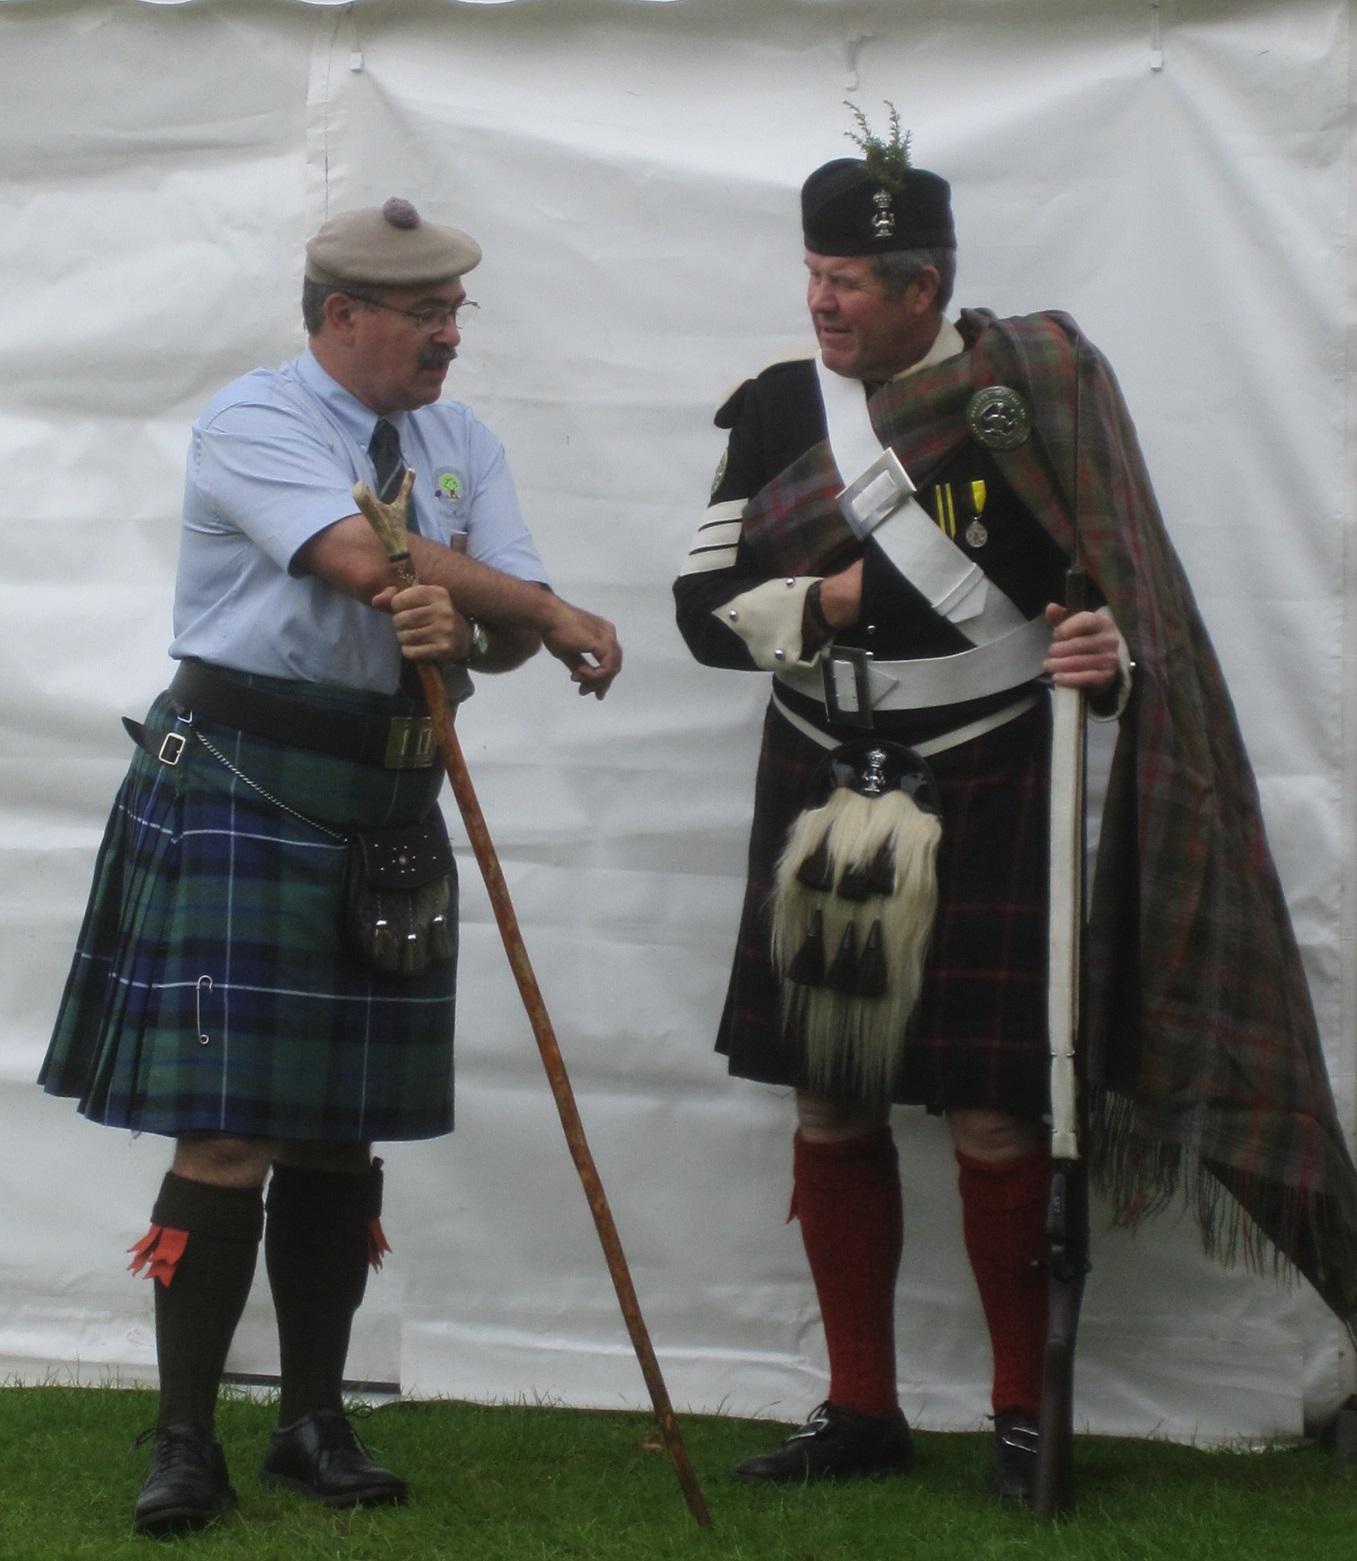 Über Und Unter Dem Schottenrock